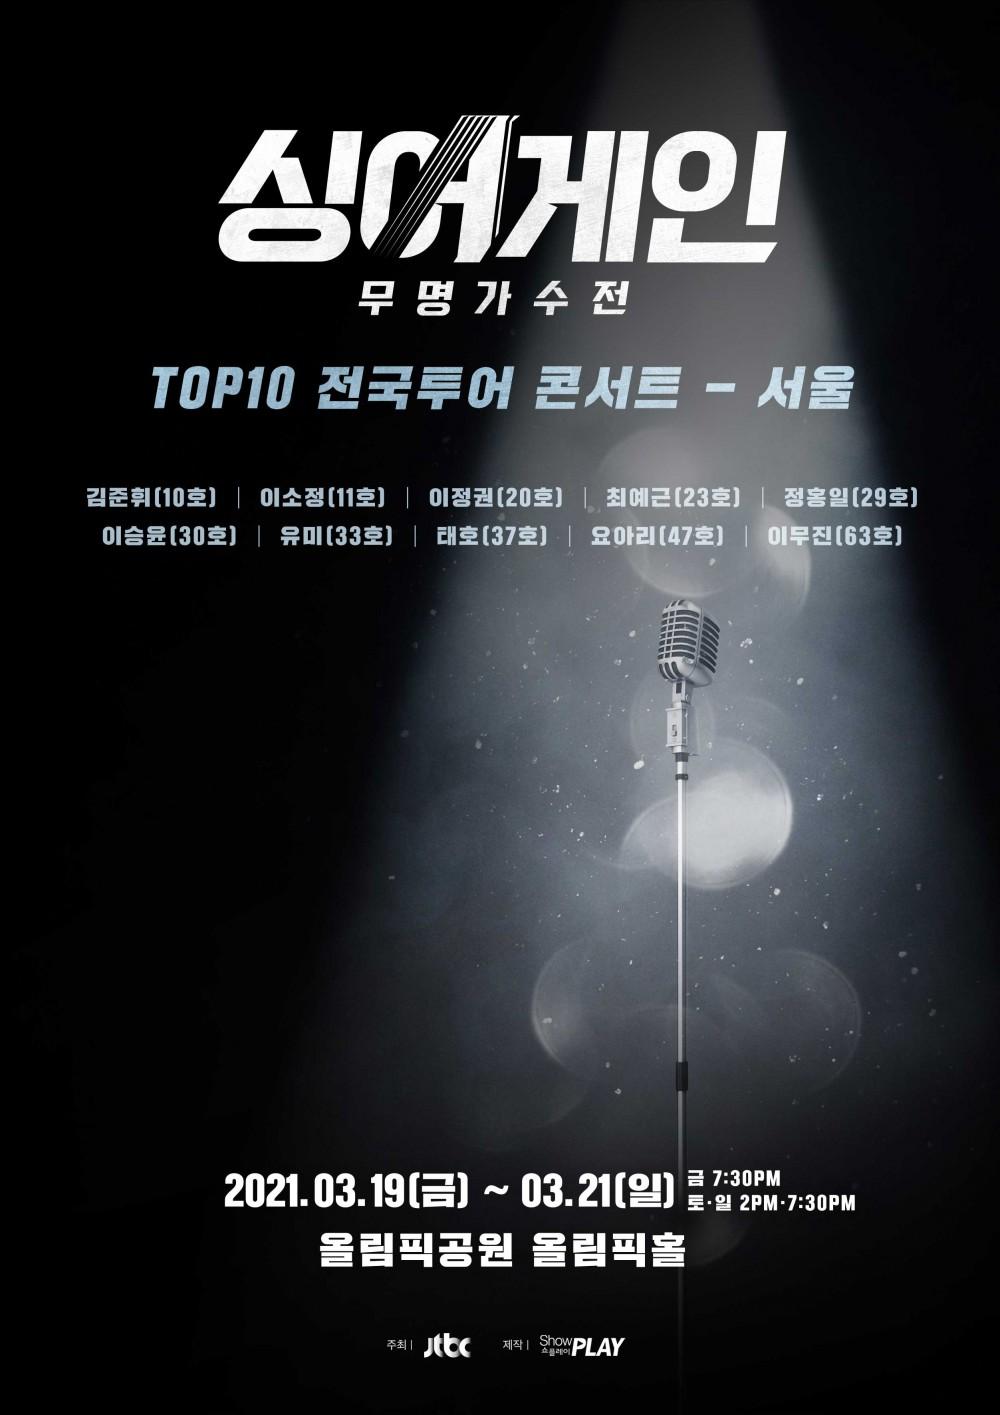 '싱어게인', TOP10 콘서트로 열기 계속. 오는 15일 서울 콘서트 티켓 오픈